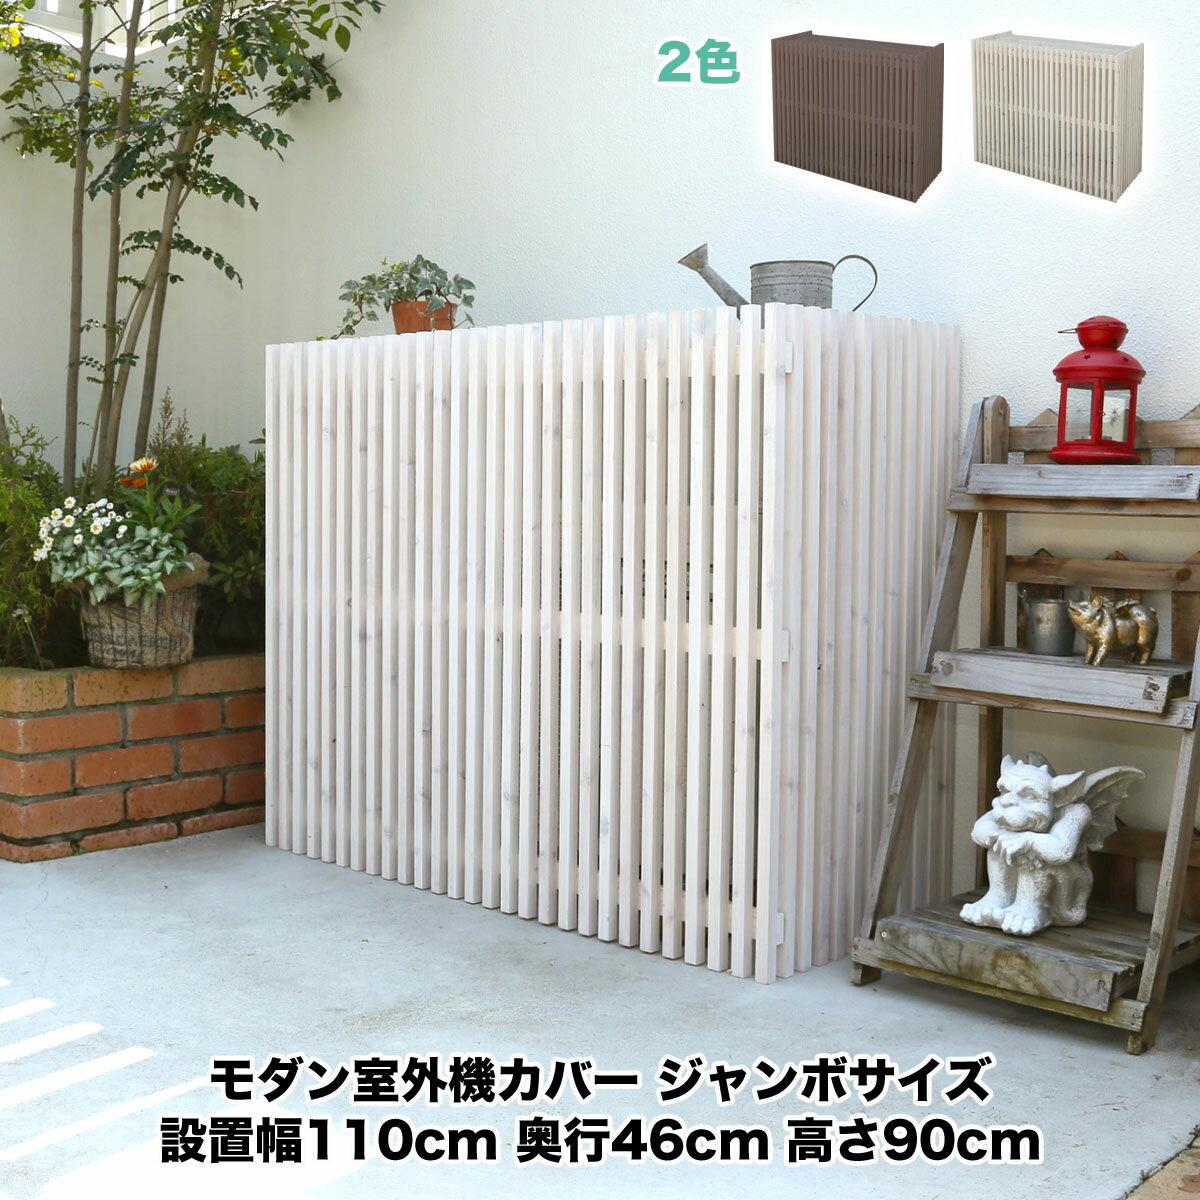 天然木製 モダン エアコンカバー 【ジャンボ】 縦(タテ)格子型の室外機カバーの決定版!しかも大型サイズです 商品型番:mac-1100